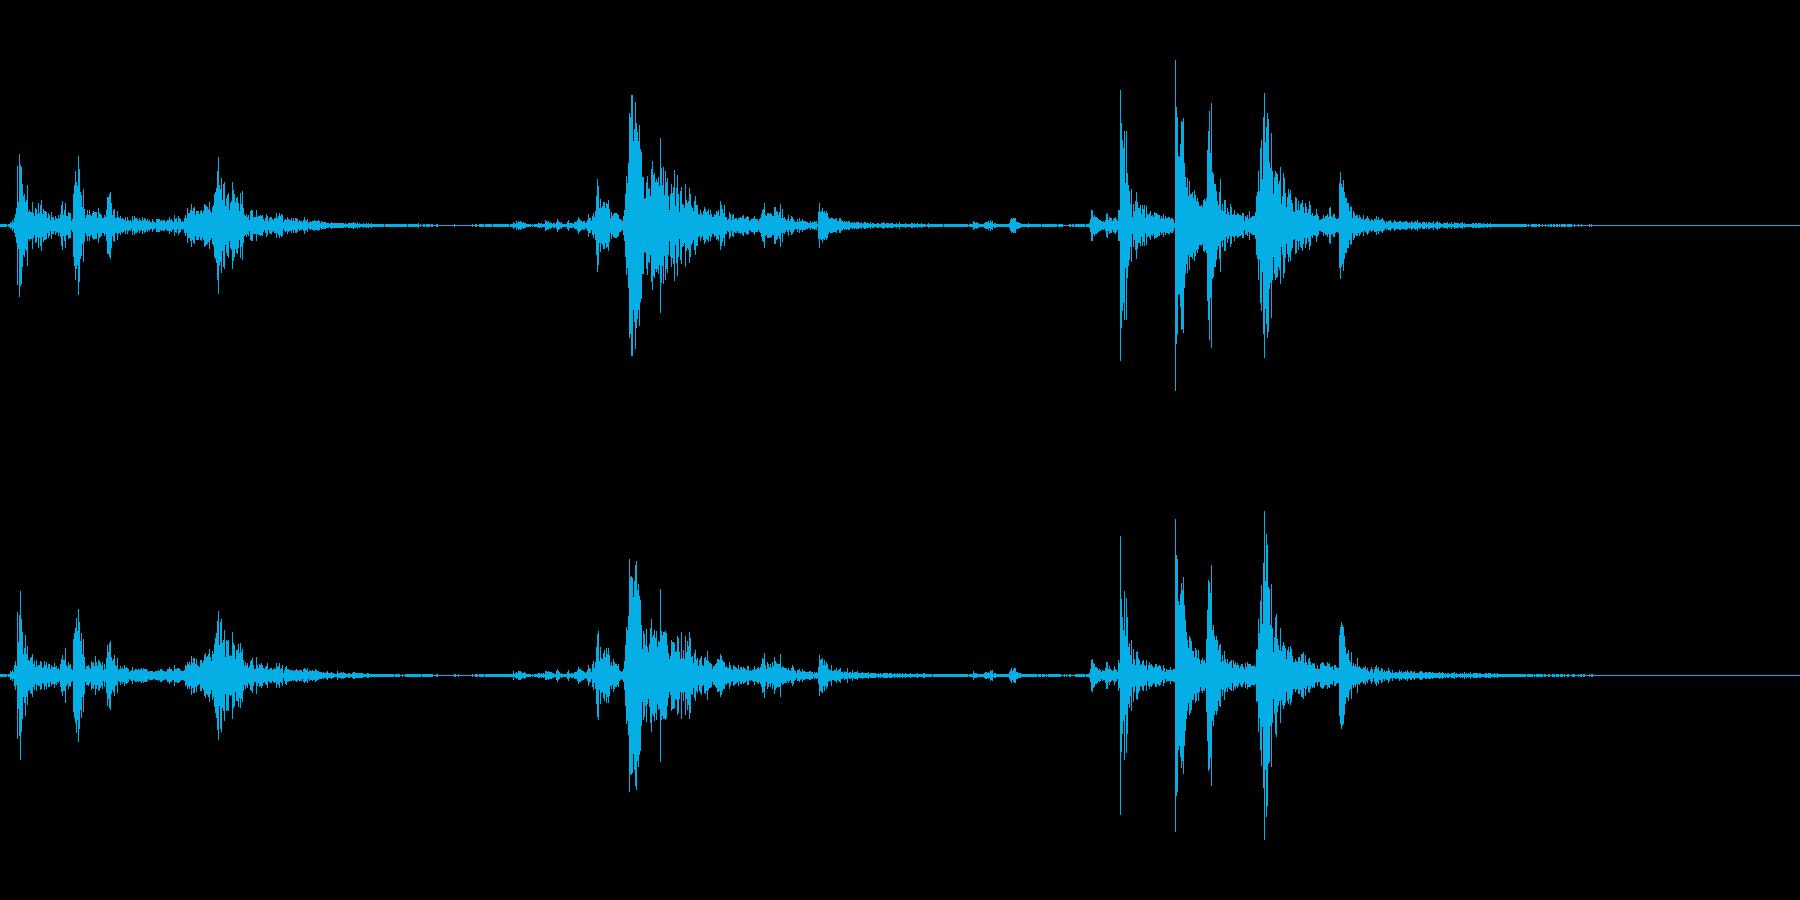 【生録音】パッケージ 開封音 11の再生済みの波形